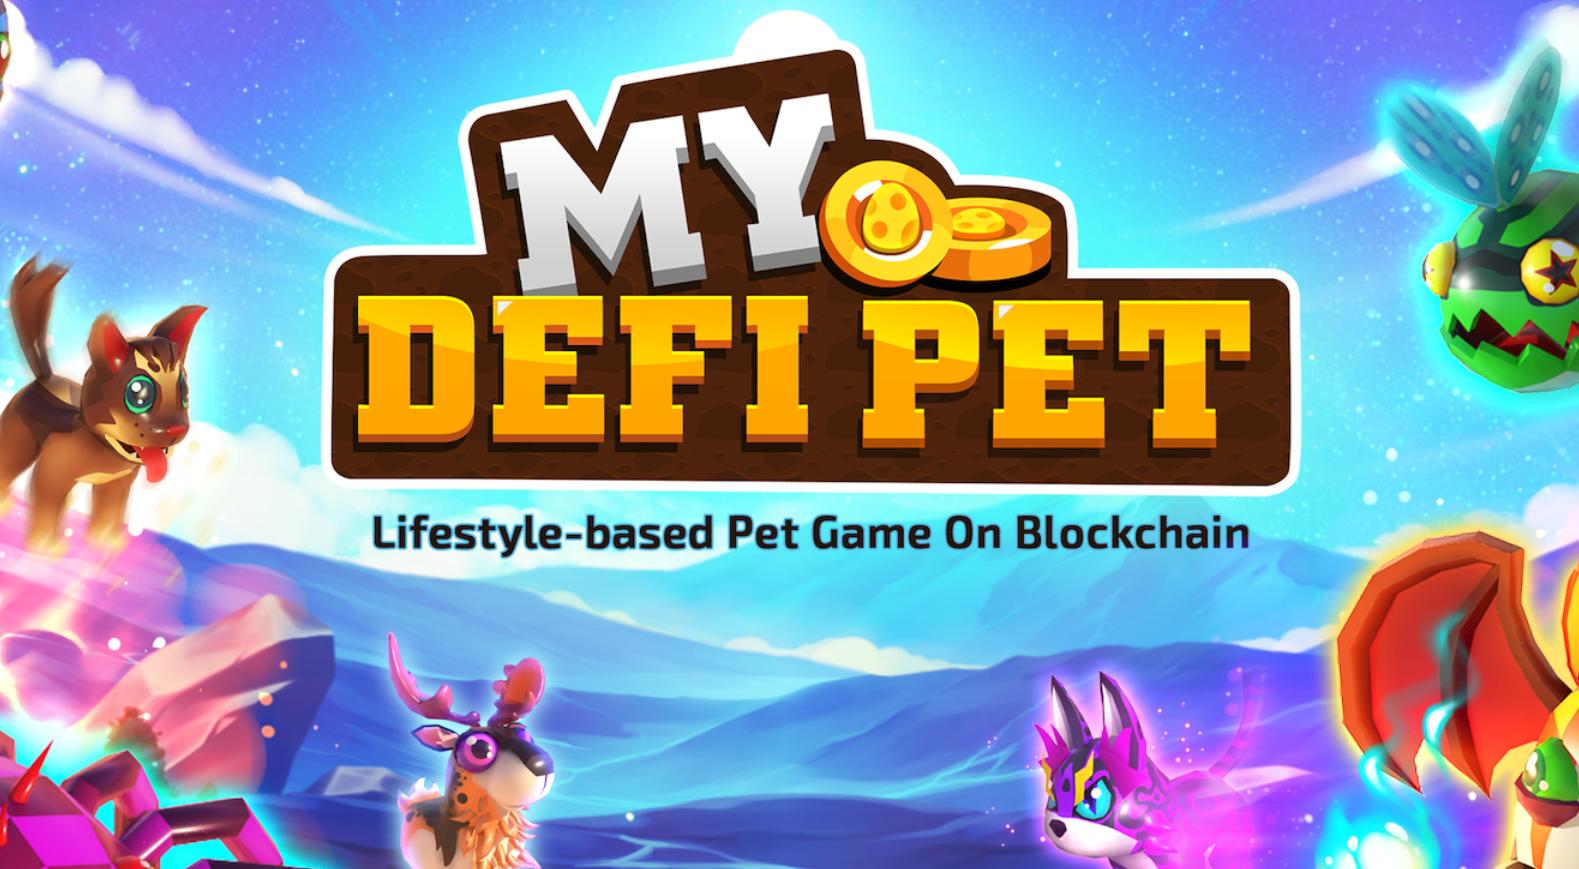 ¿Qué es My Defi Pet y por qué se está volviendo tan popular?